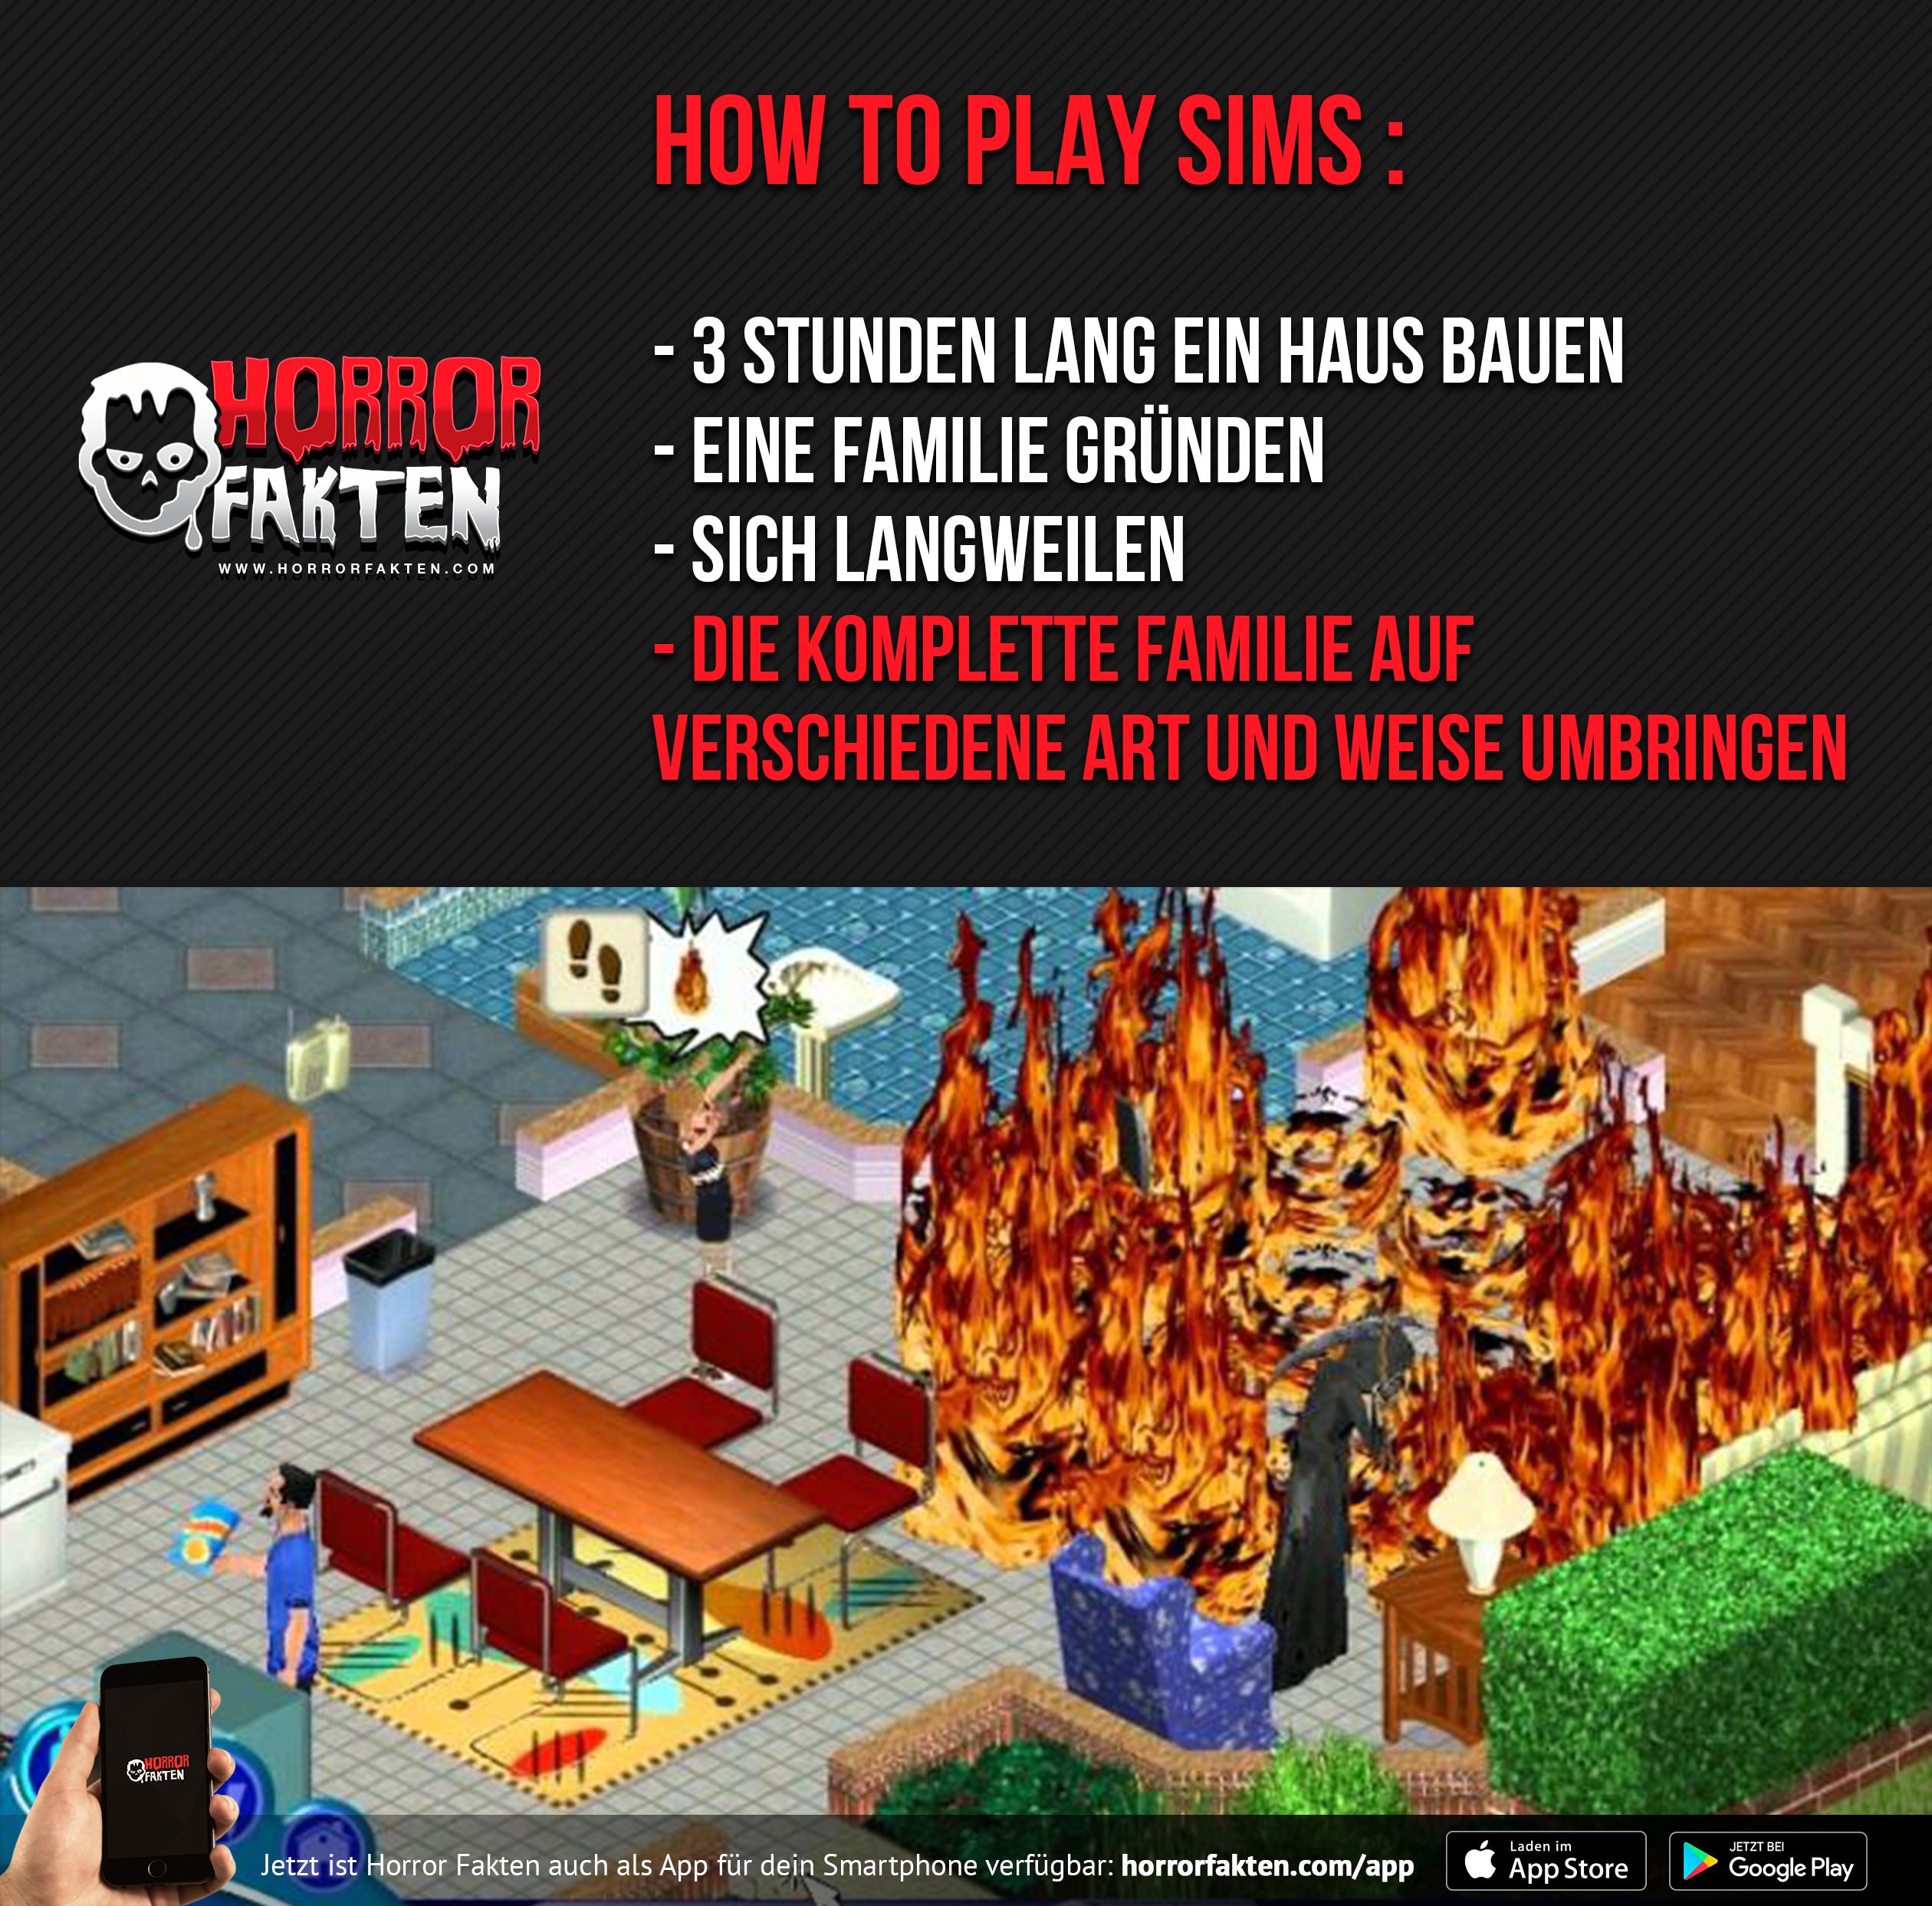 Lieblingsbeschäftigung eines Sadisten - Sims umbringen | Horror ...